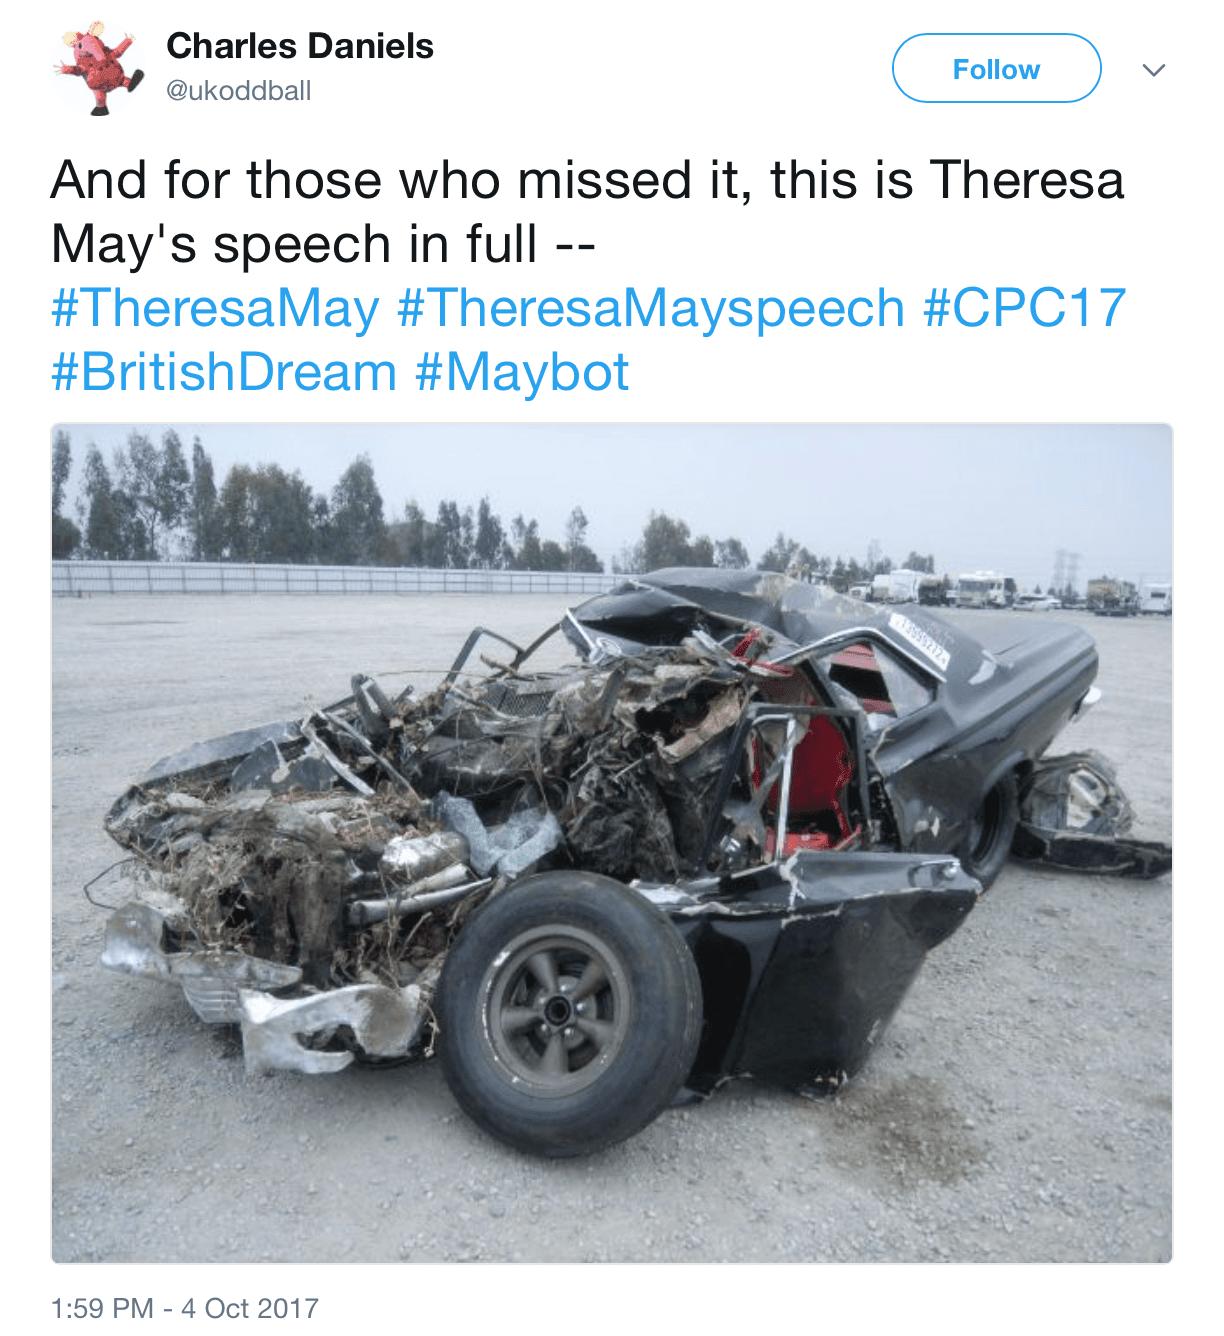 Theresa May had a terrible day